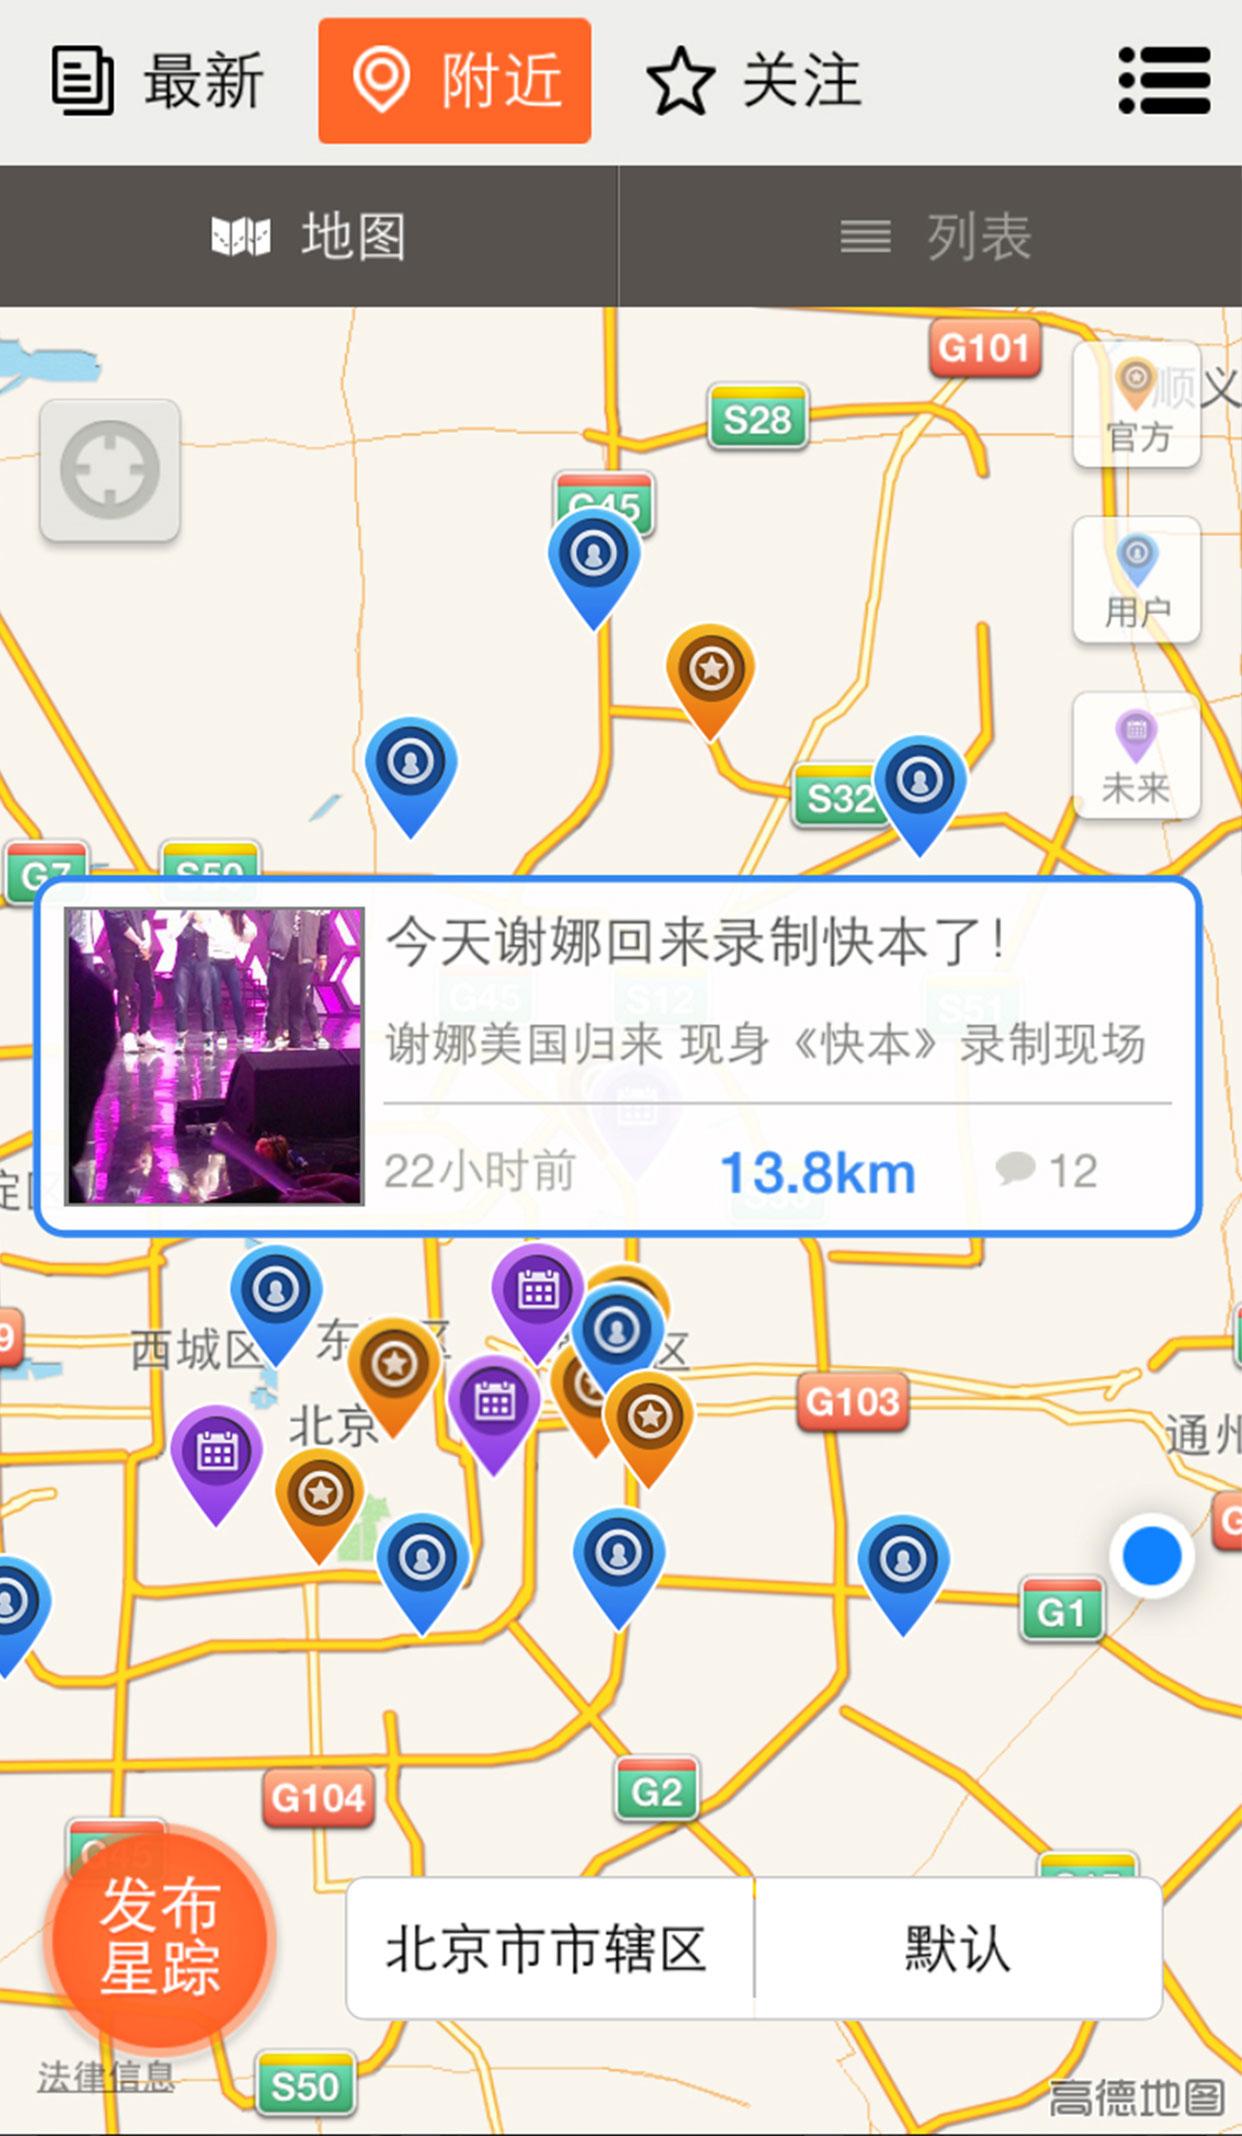 全民星探V3.0官方版for iPhone(明星新闻) - 截图1